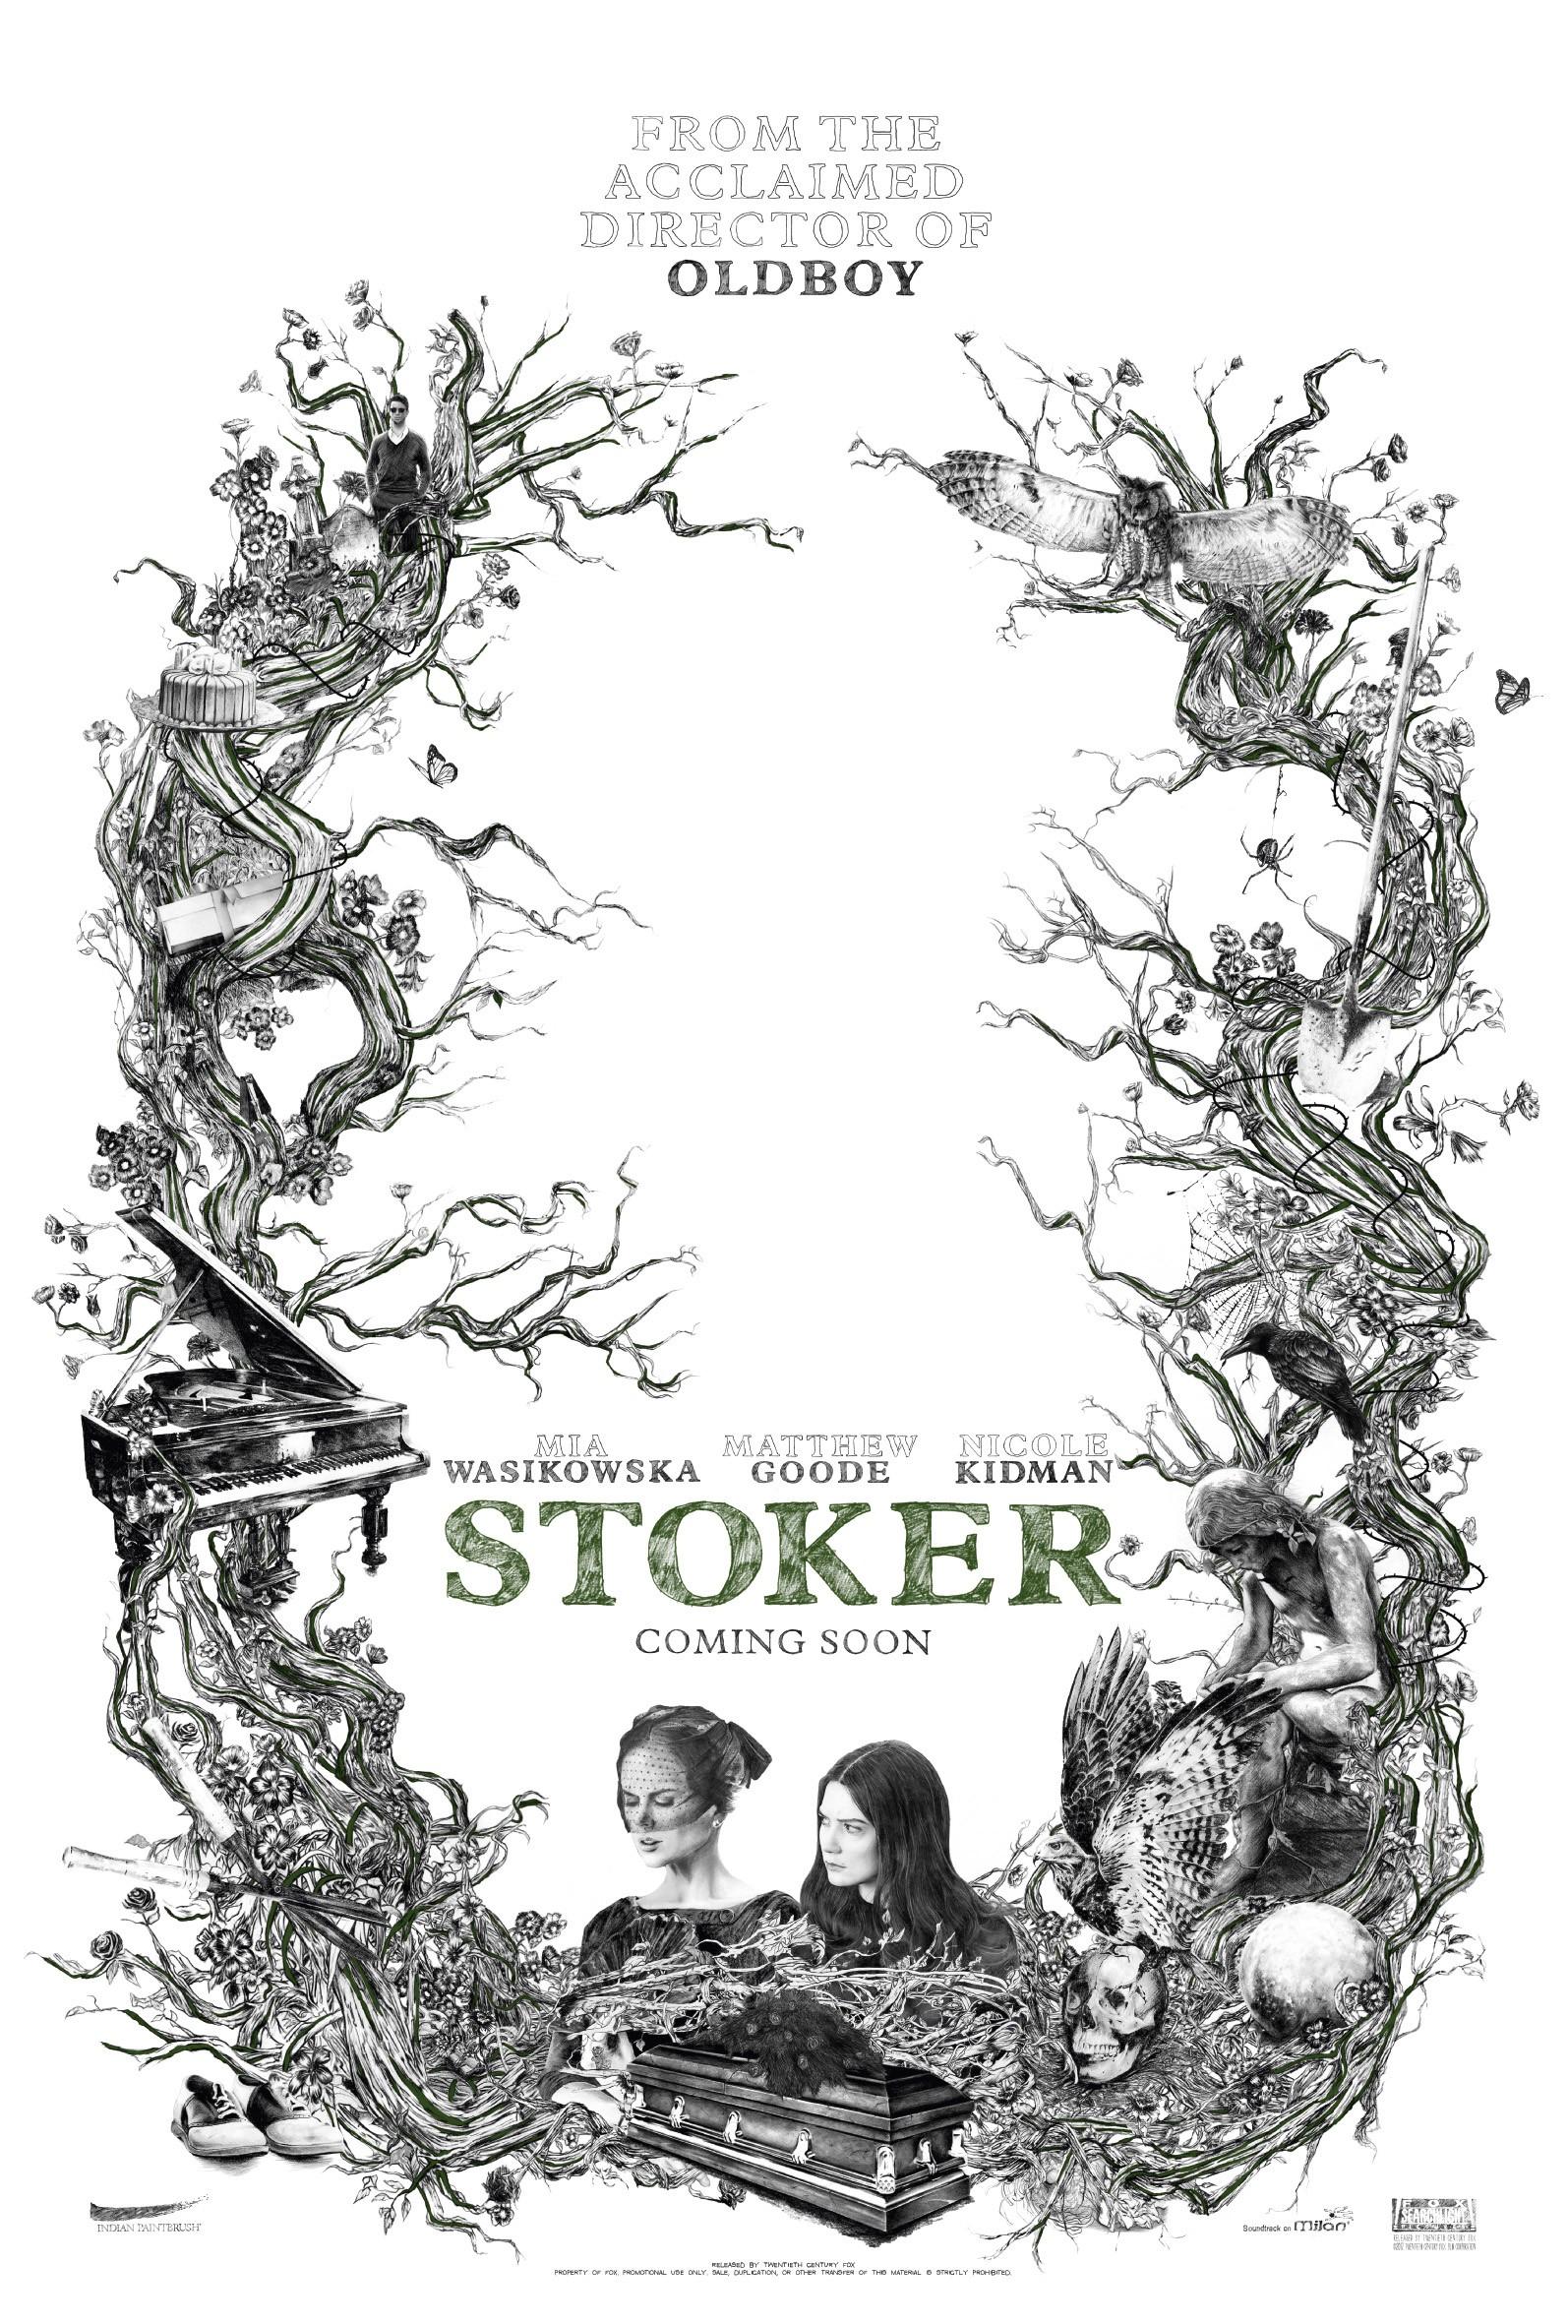 2013-03-01 - Stoker